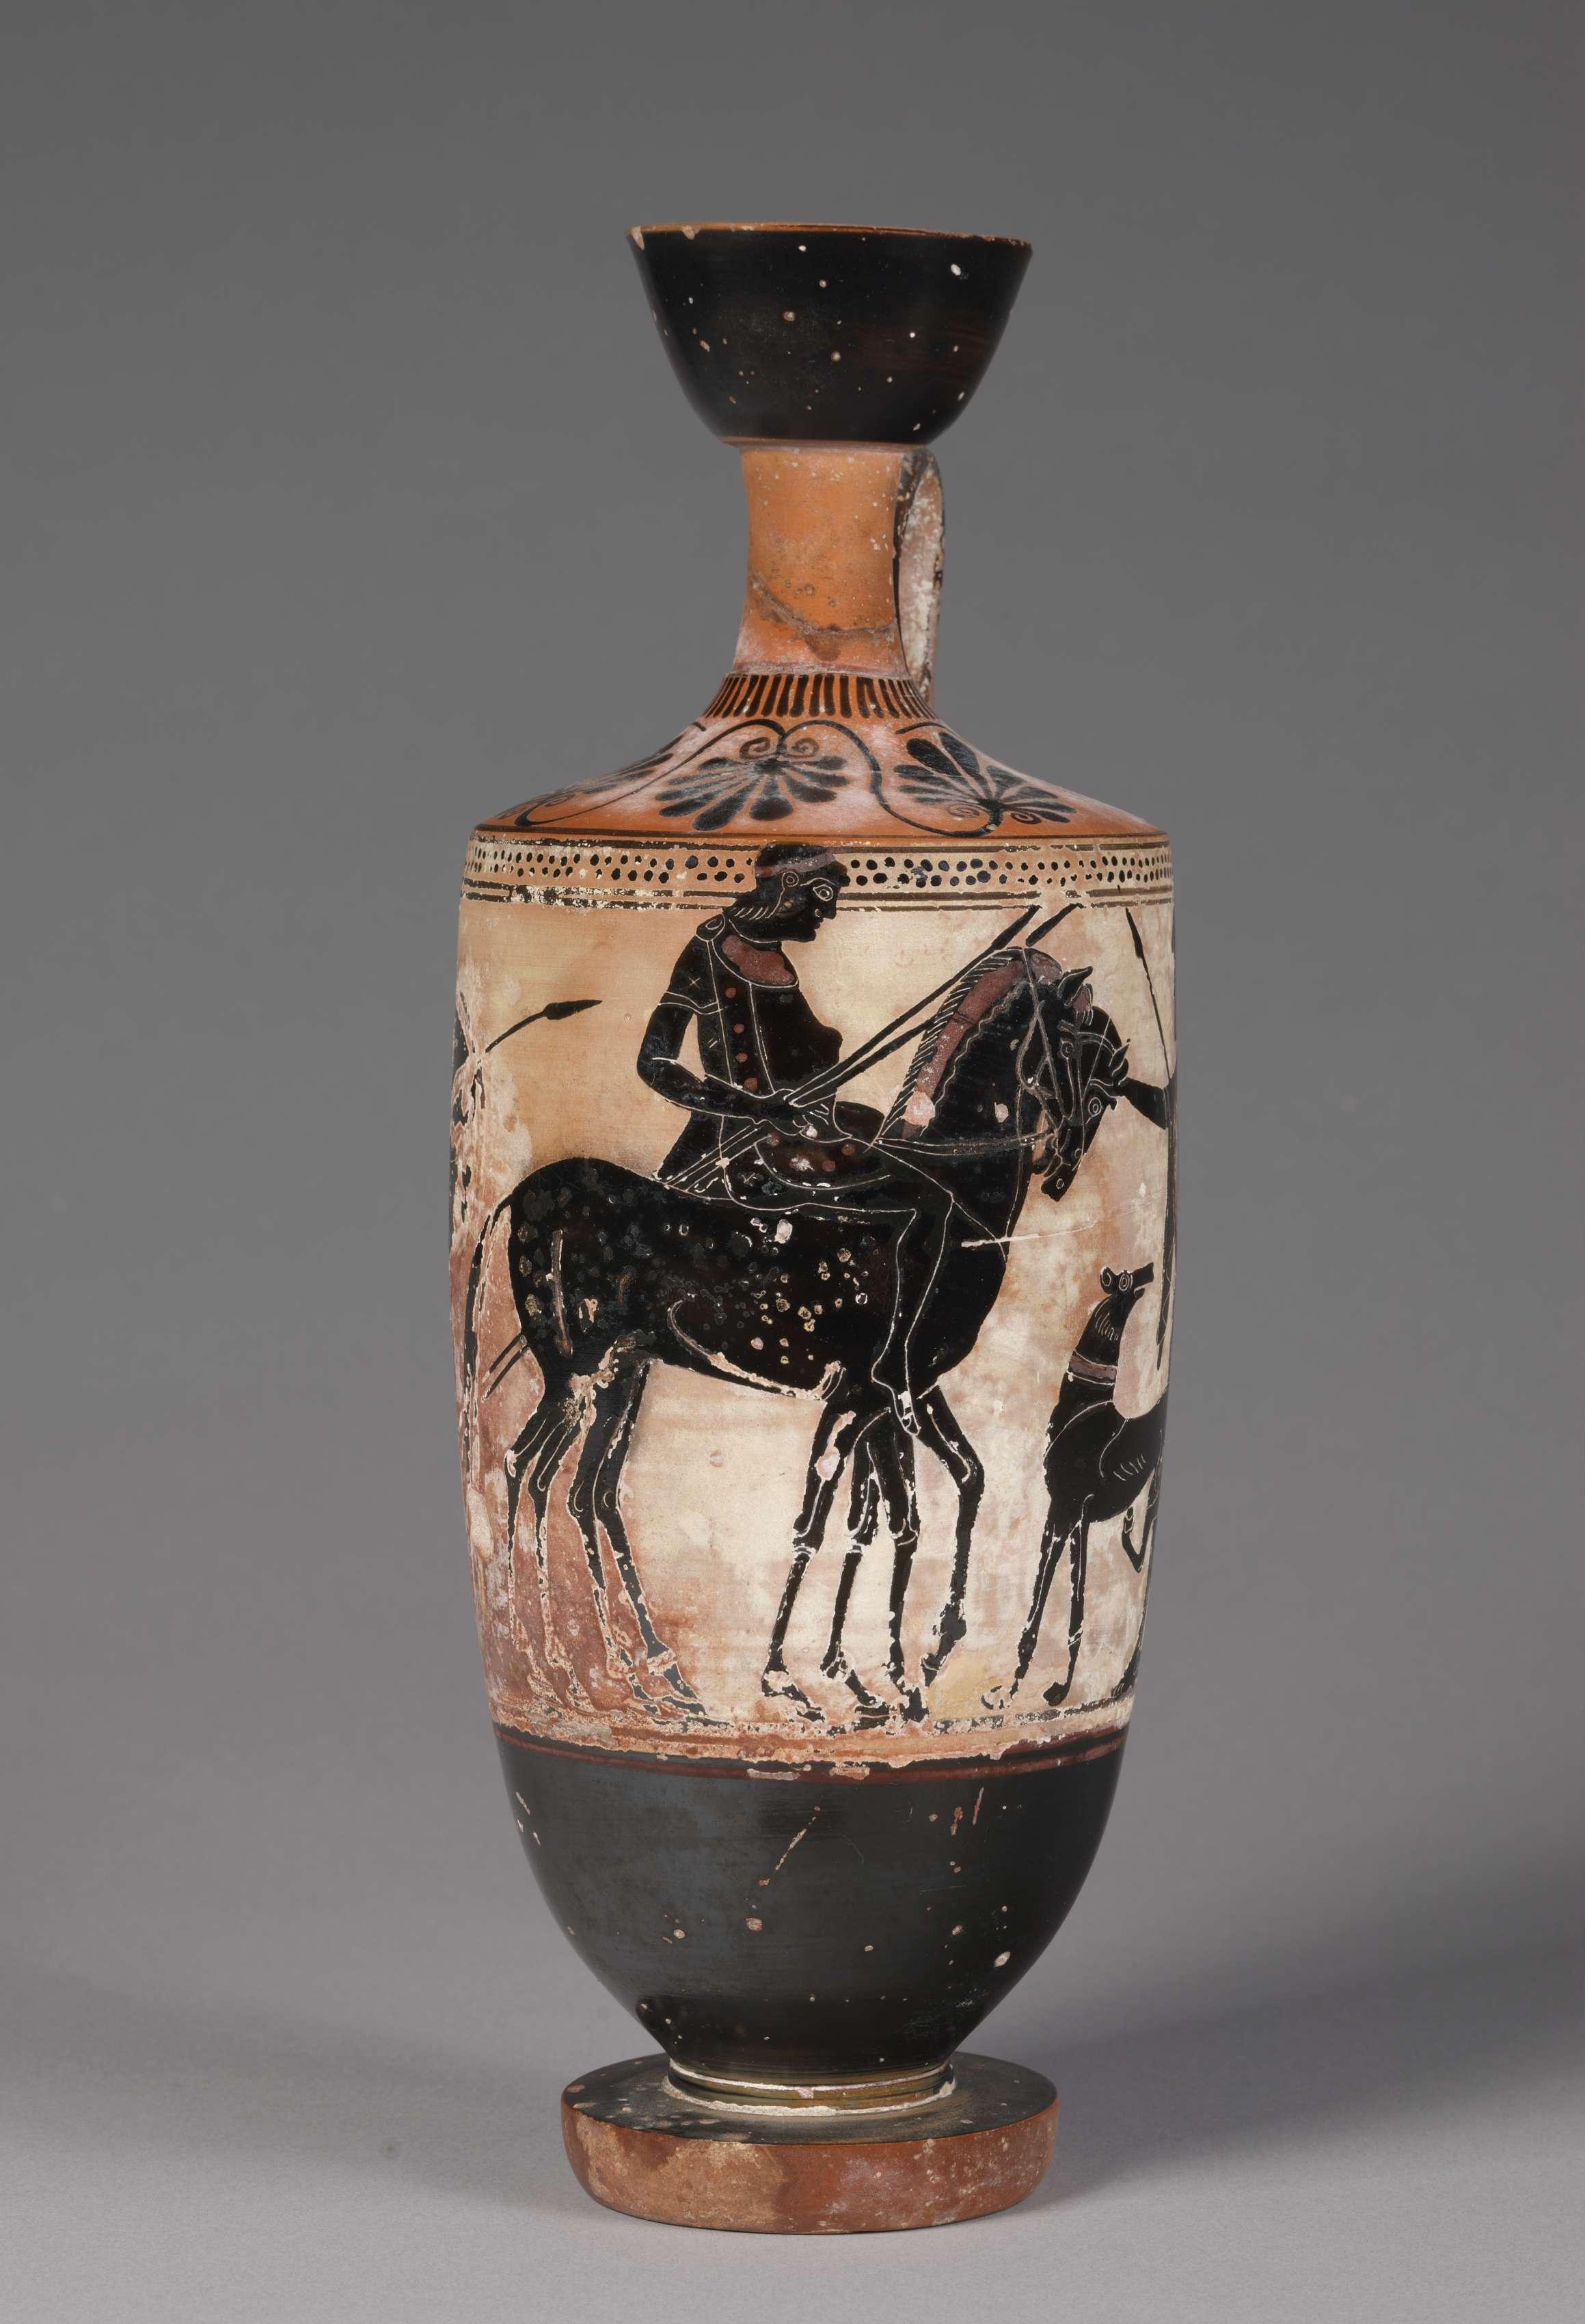 Ιππέας. Black-Figure Lekythos (Oil Vessel): Horseman, Horse between Warriors, Dog. c. 500 BC. Μουσείο Τέχνης του Κλίβελαντ.